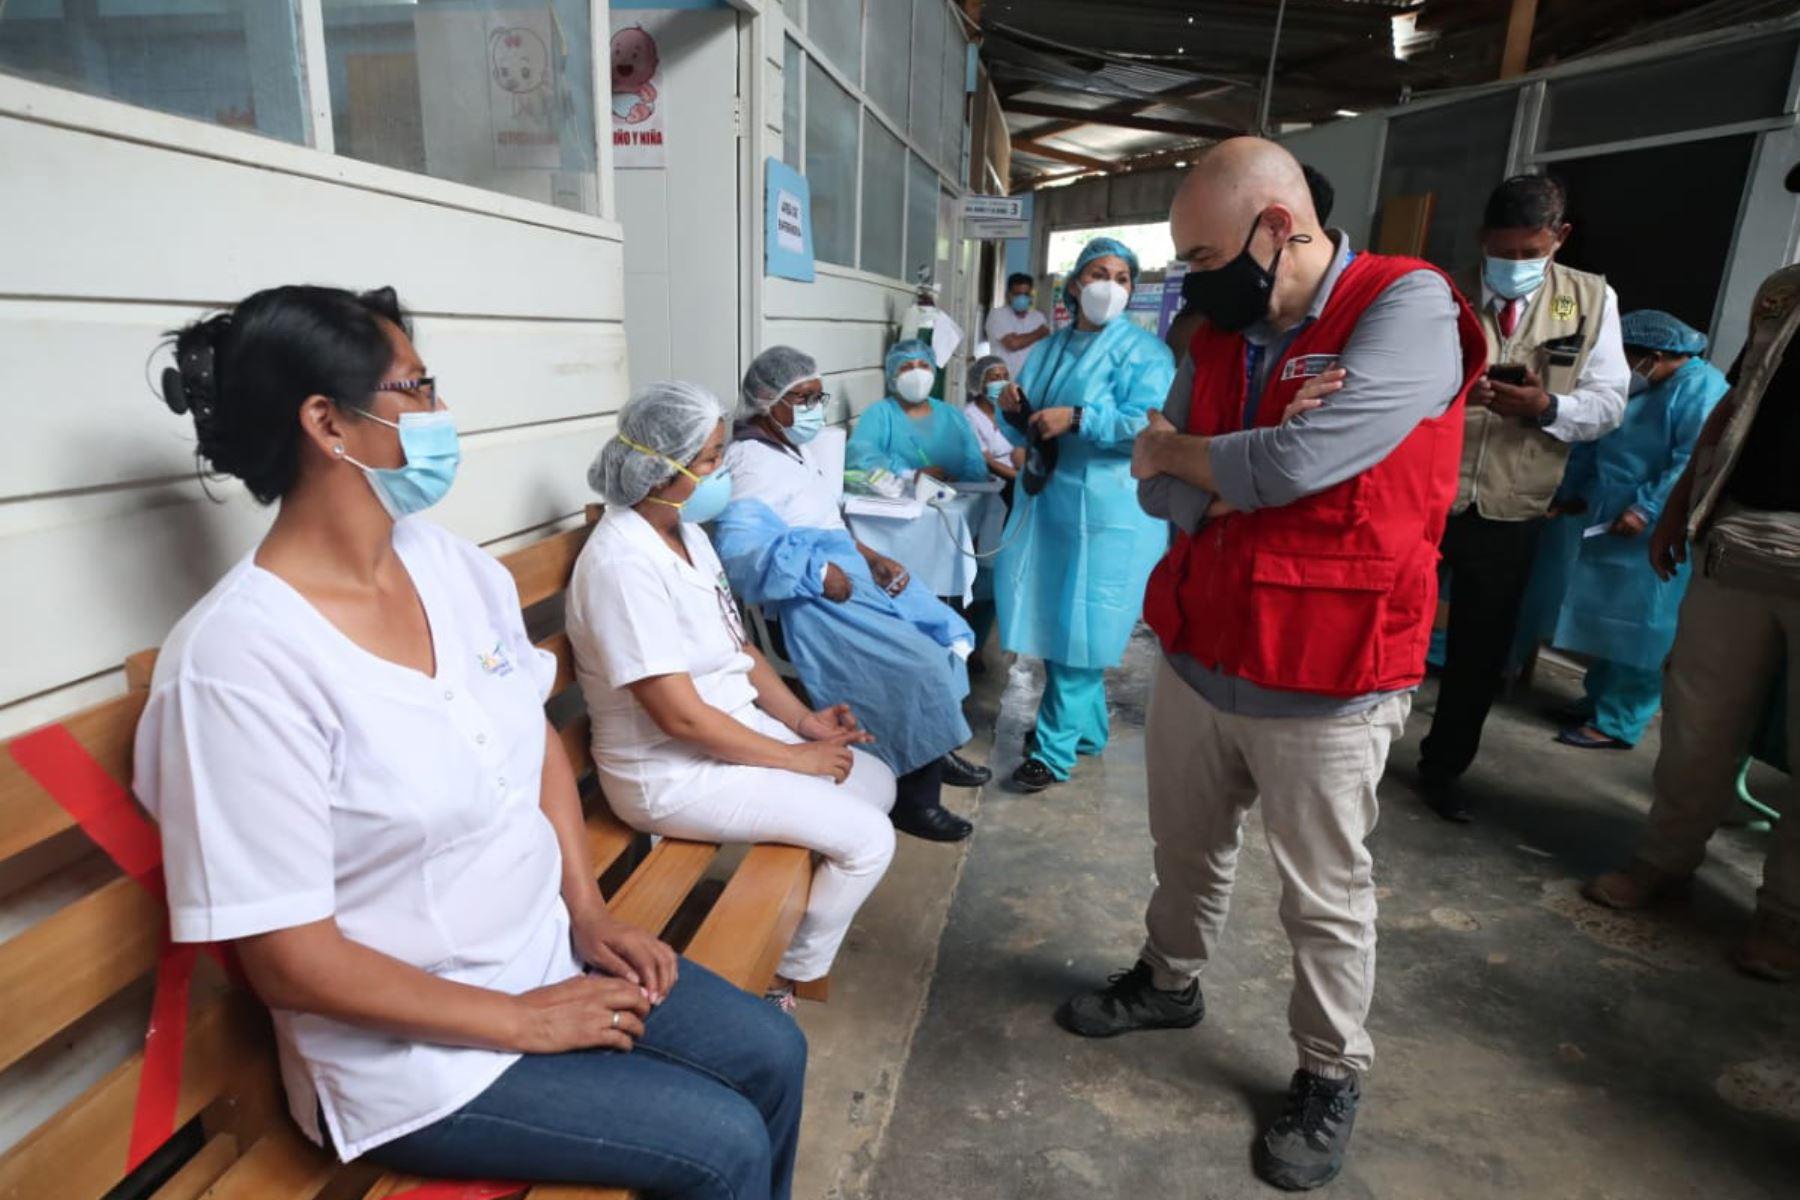 En el segundo día de trabajo, el ministro Gabriel Quijandría  participó en la jornada de vacunación contra la covid-19 al personal de primera línea de los centros de salud Nuevo Milenio, Jorge Chávez, El Triunfo, La Joya y Laberinto, en Madre de Dios, el cual sufre inundaciones por las fuertes lluvias. Foto: Minam